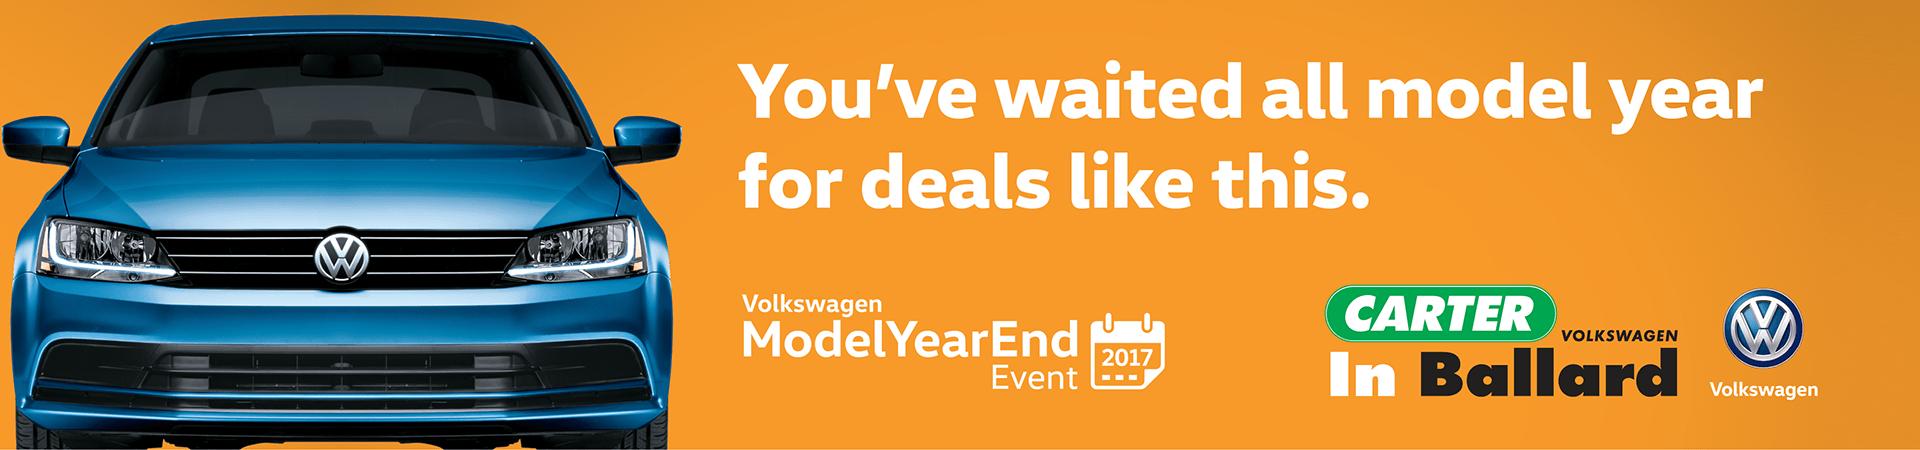 Volkswagen Model Year End Event at Carter Volkswagen